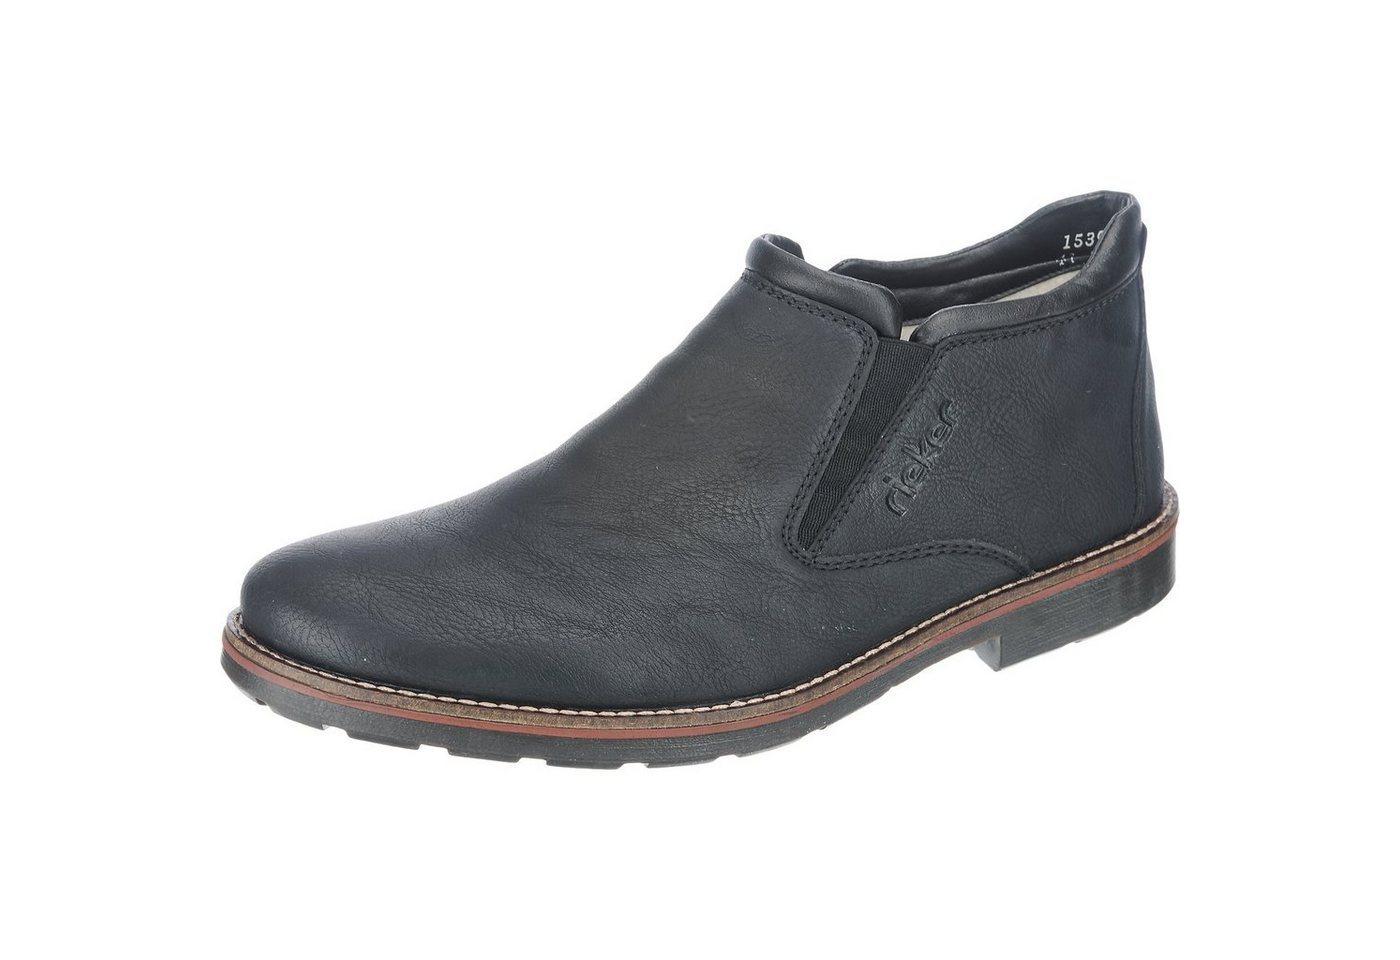 schwarze Chelsea Boots aus Leder von Rieker